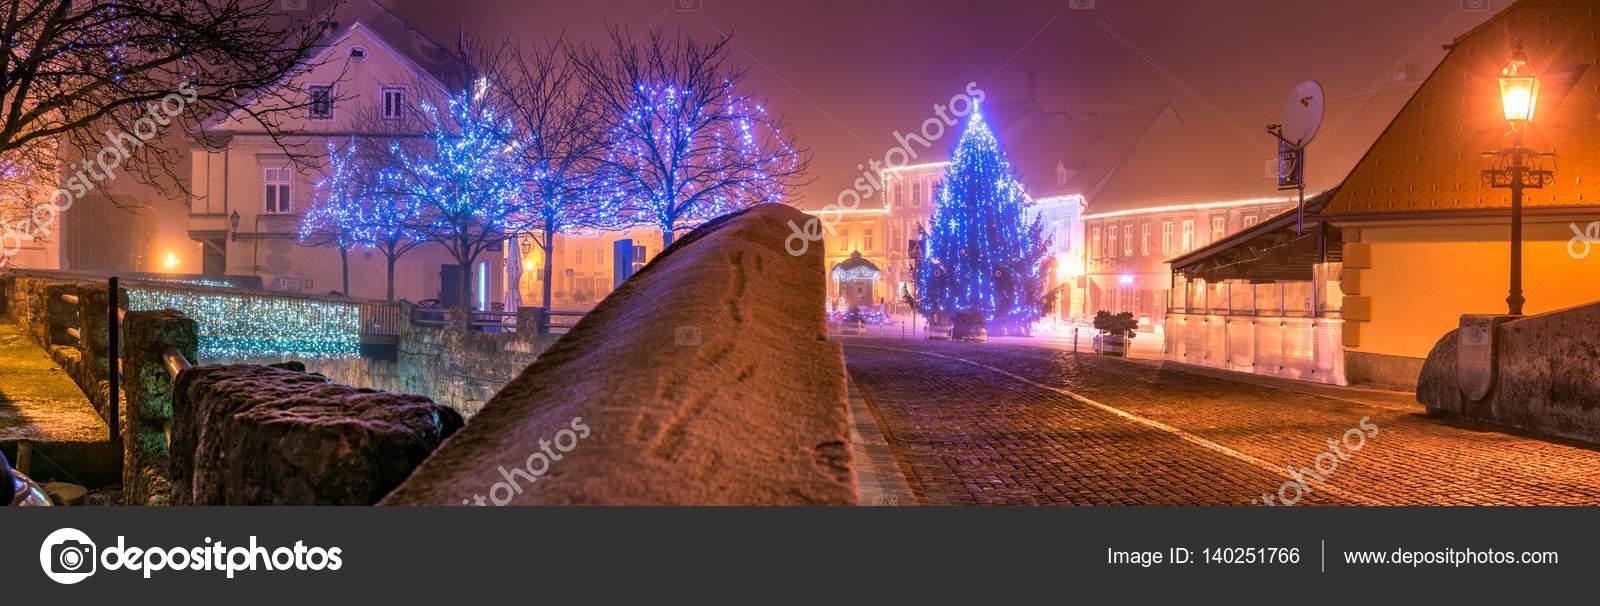 Weihnachten In Kroatien.Weihnachten Lichter Samobor Kroatien Stockfoto Davordjopar